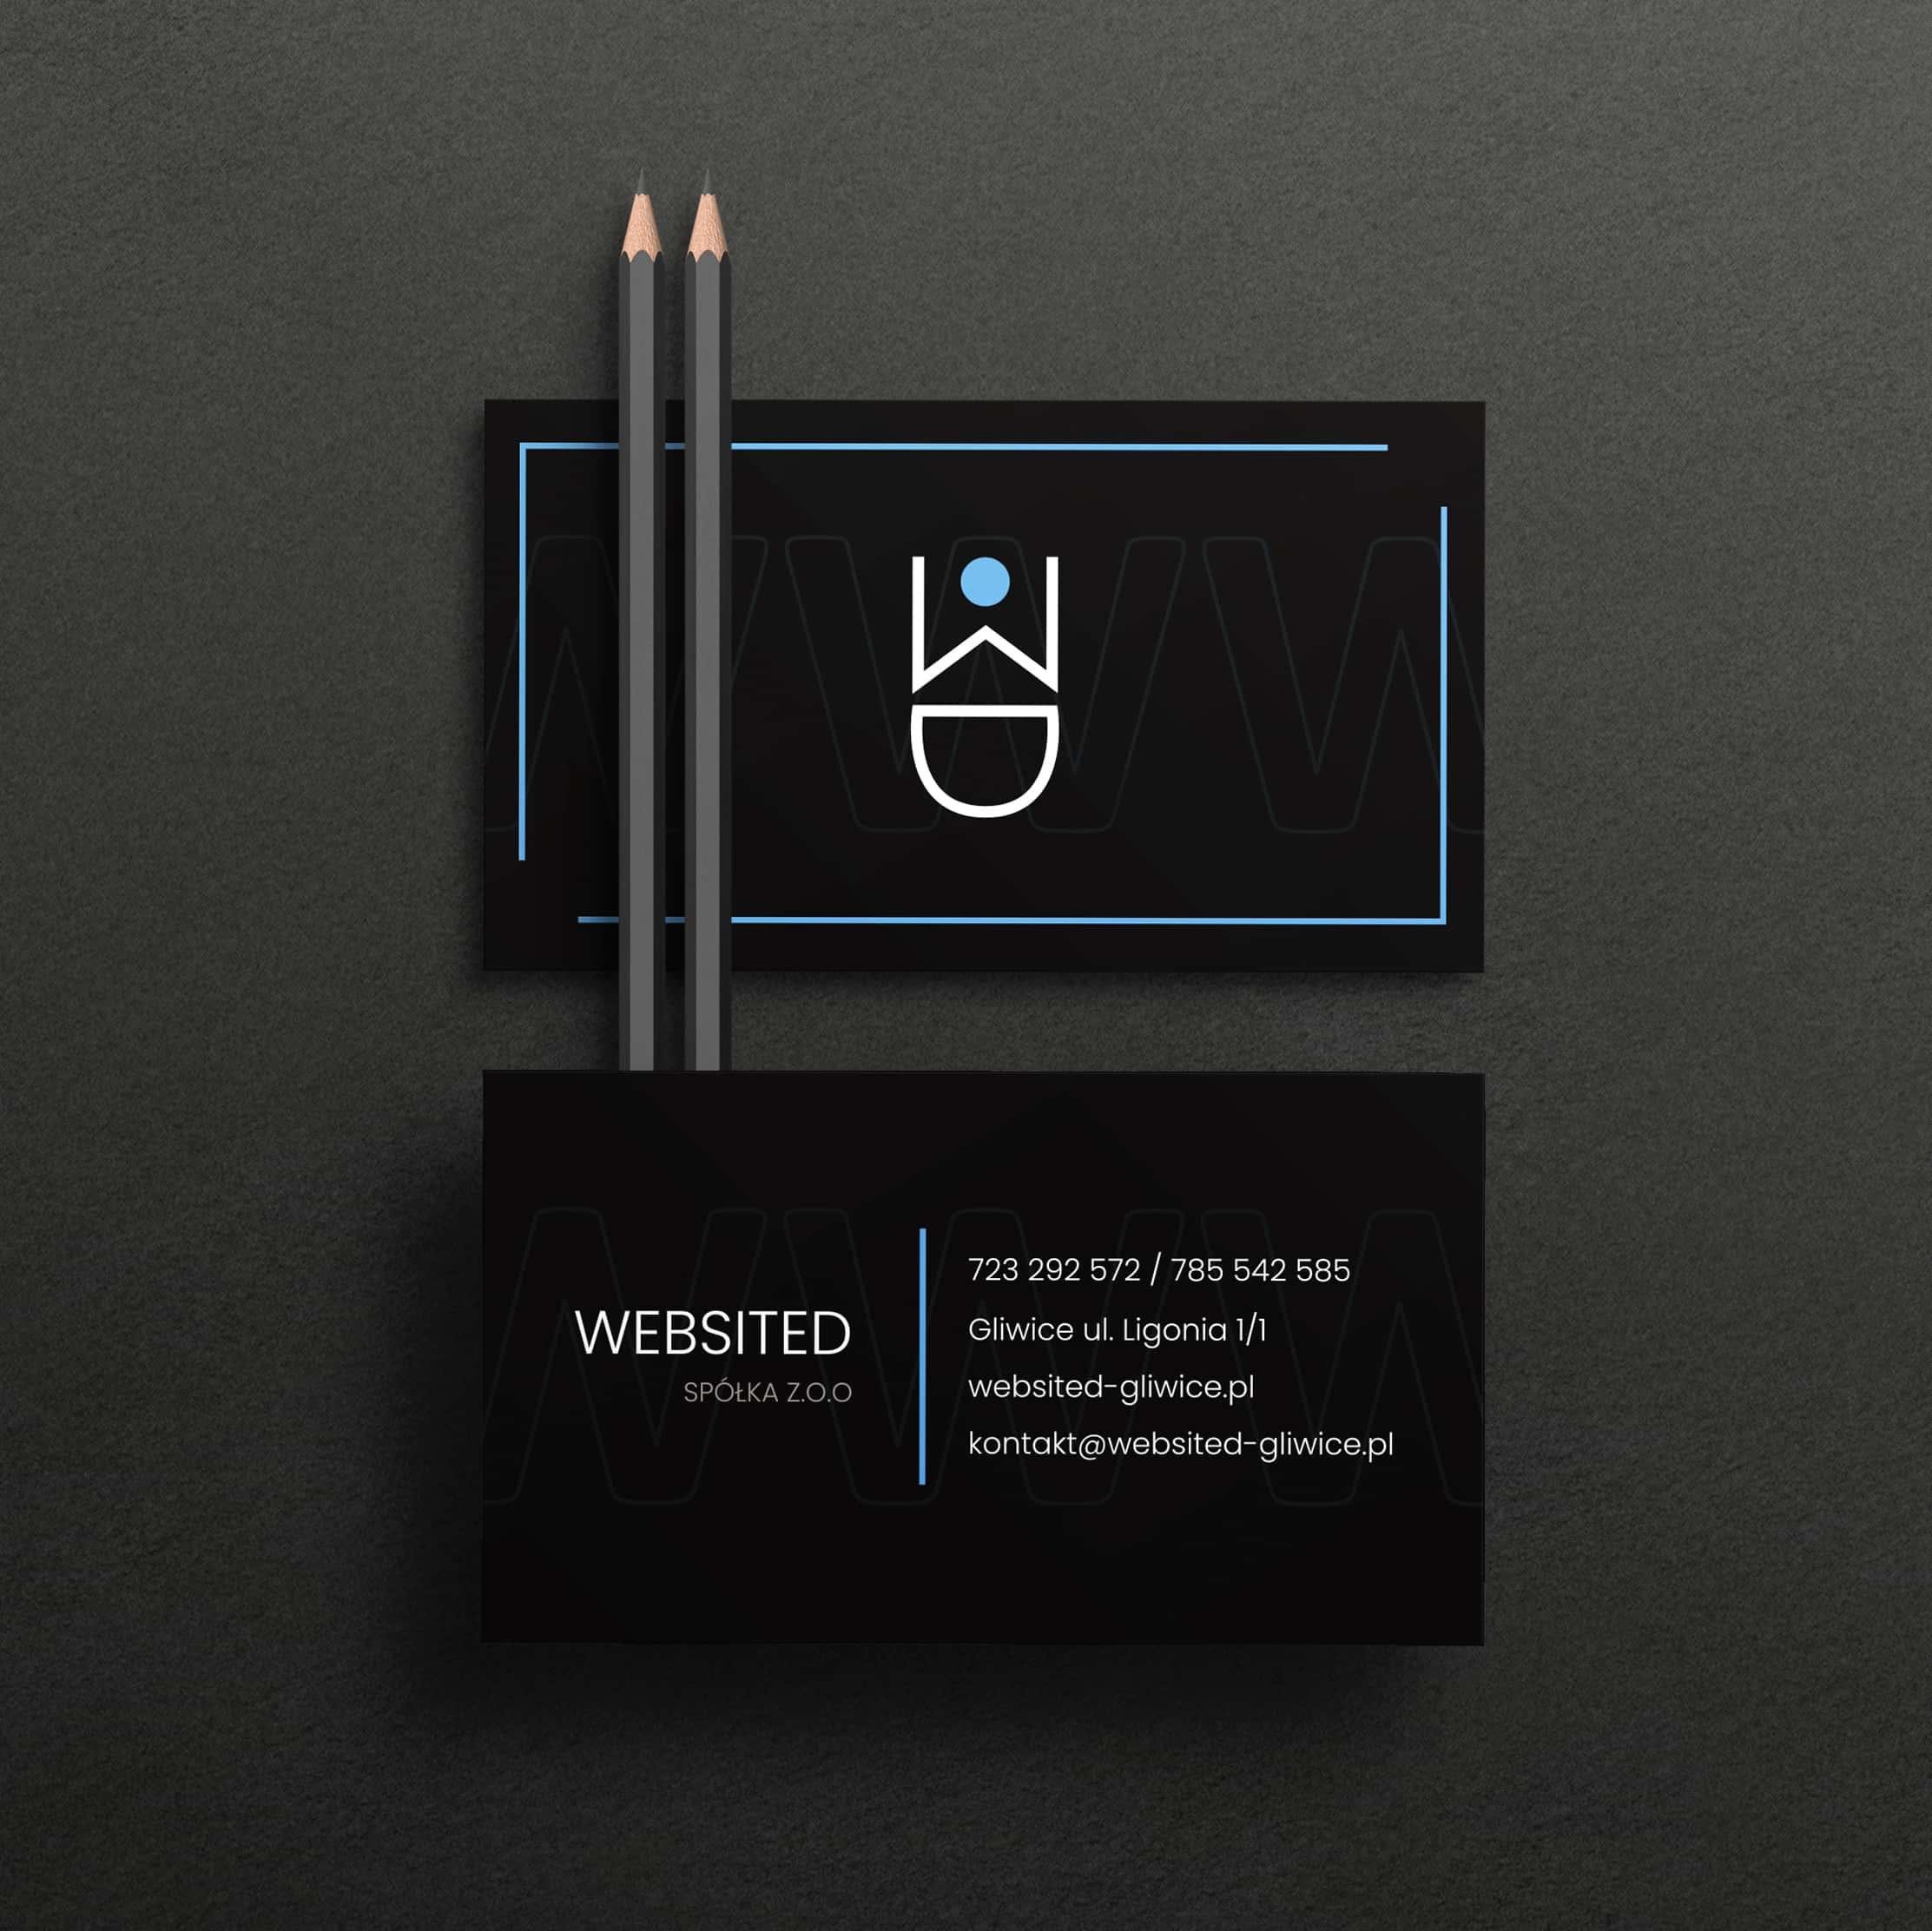 Wizytówka firmy Websited